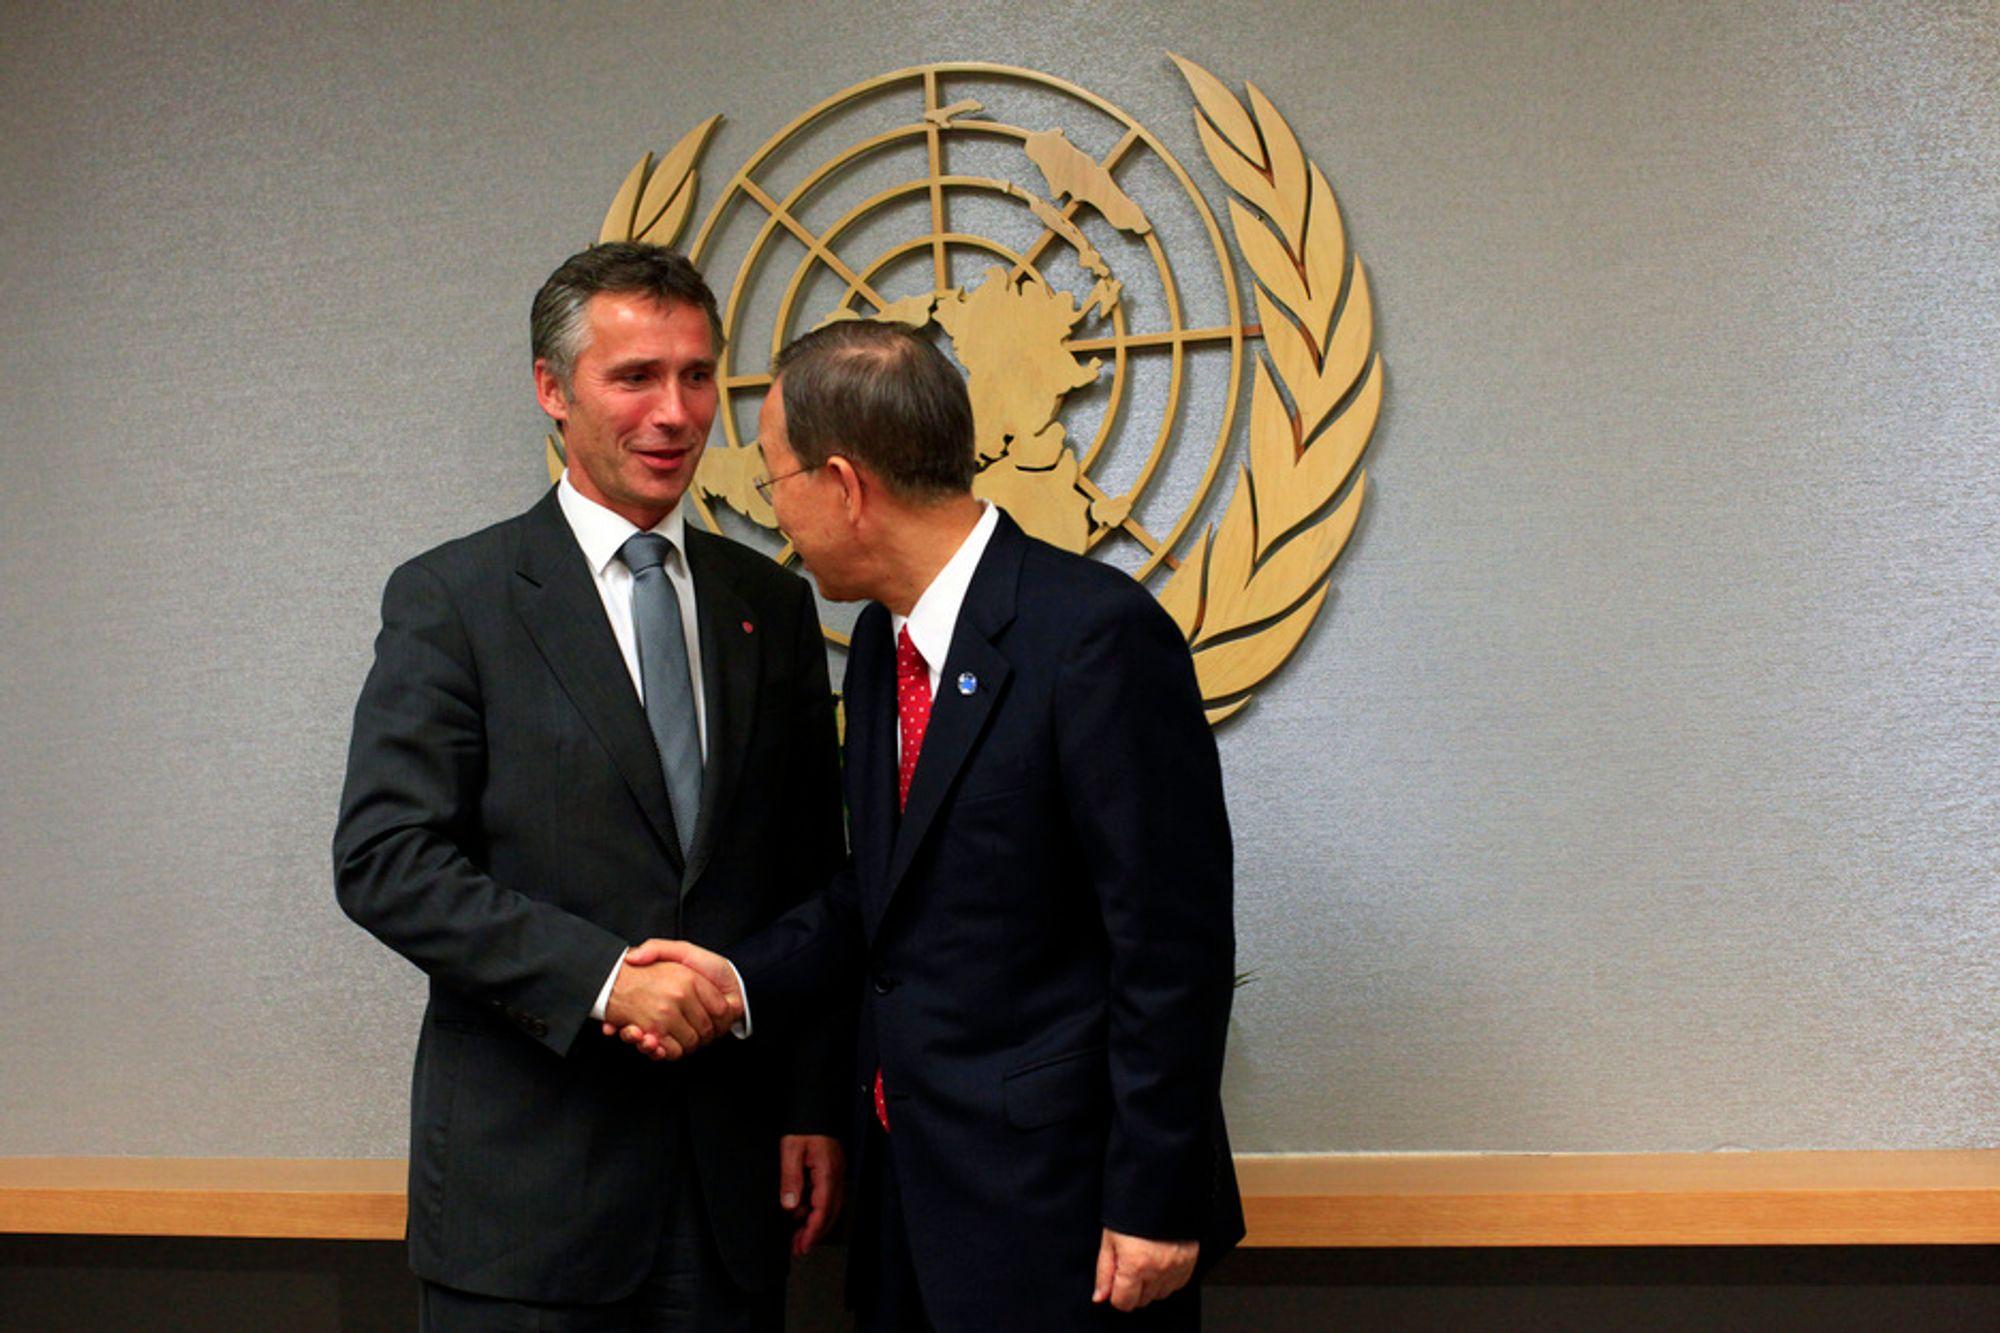 Statsminister Jens Stoltenberg (Ap) tror ikke det blir vedtatt noen internasjonal klimaavtale når FNs rammekonvensjon om klimaendring (UNFCCC) inviterer til konferanse i Mexico i høst. Her hilser statsministeren på FNs generalsekretær Ban Ki-moon i forbindelse med FN-møter i New York denne uka.